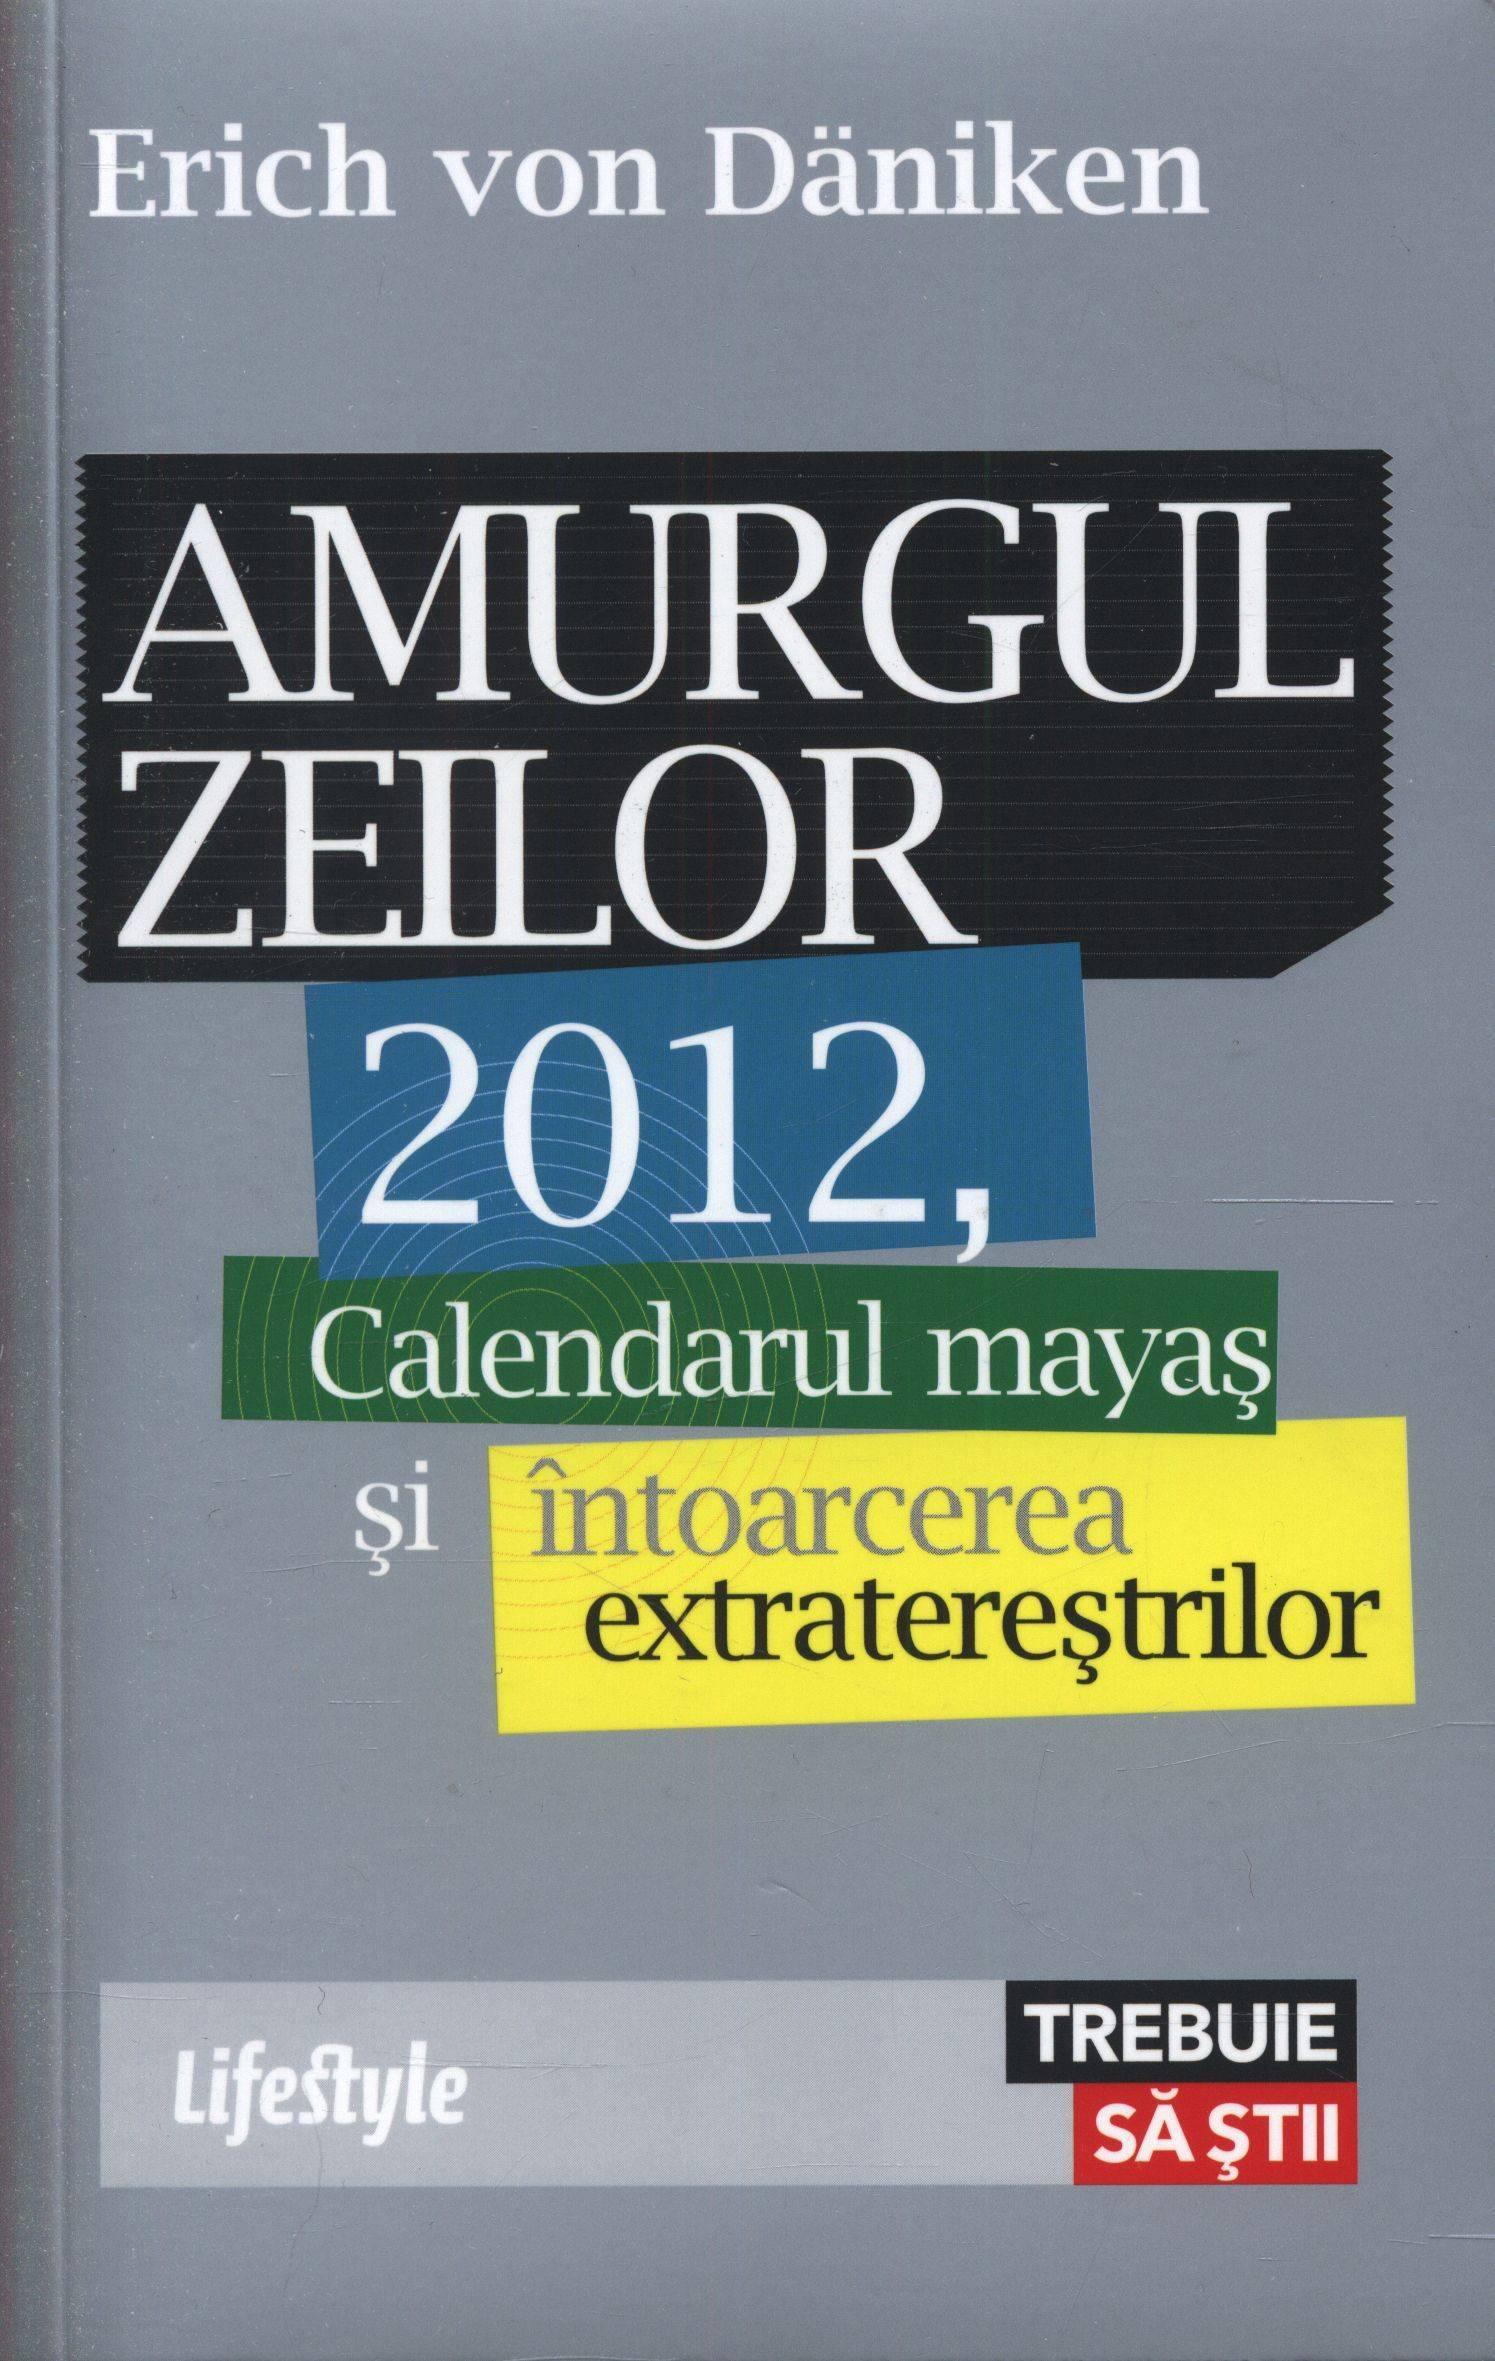 Amurgul Zeilor: Calendarul Mayas si Intoarcerea Zeilor  by  Erich von Däniken